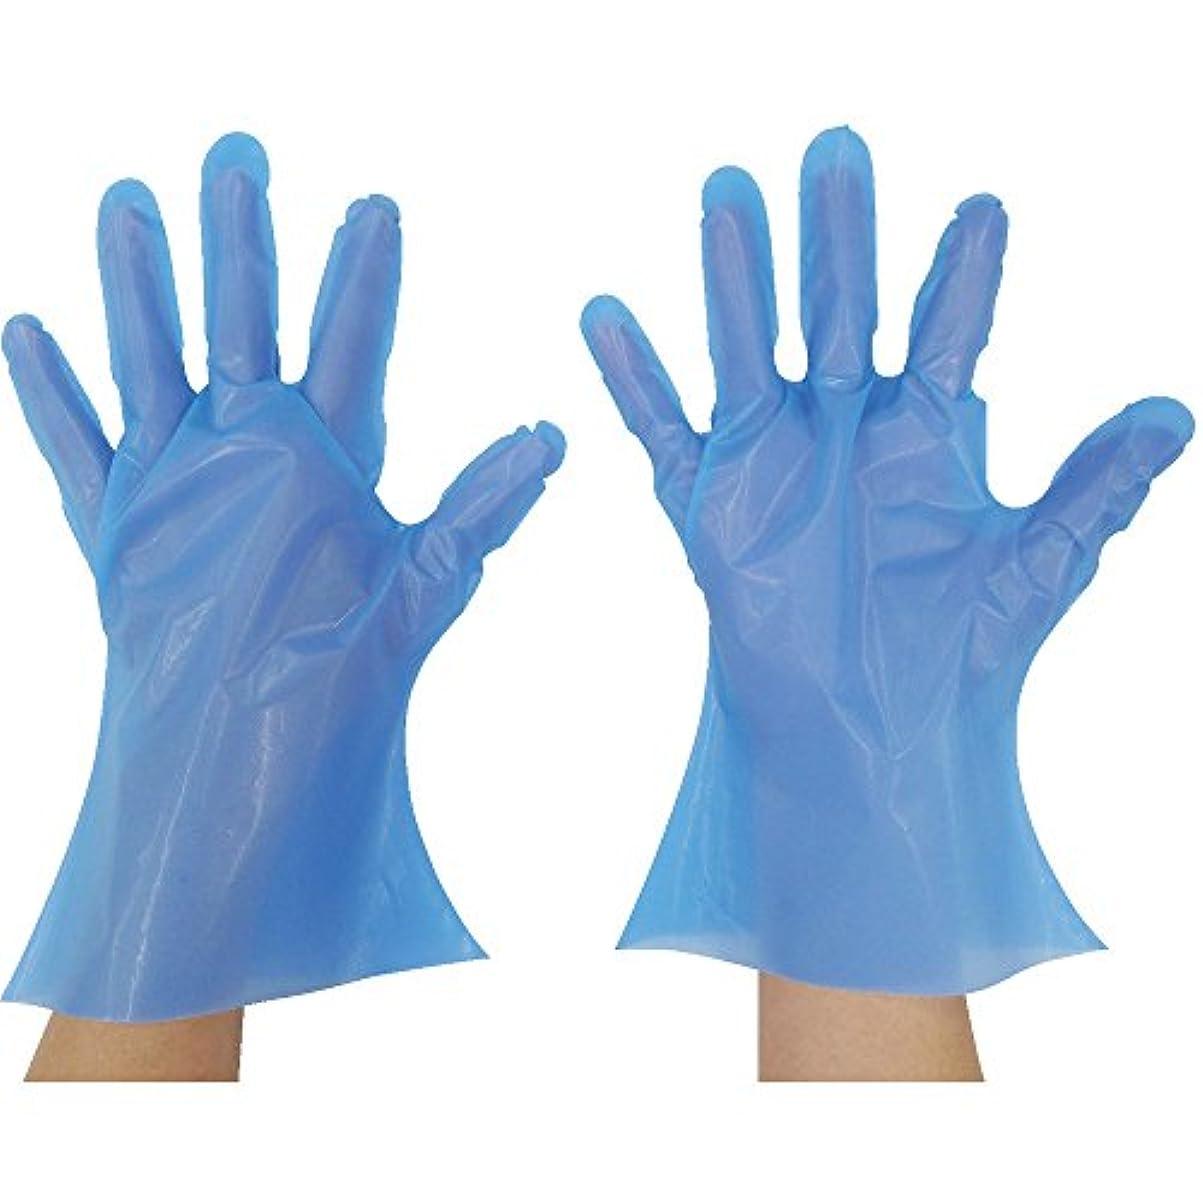 東京パック マイジャストニトポリグローブ 3S ブルー NP-3S ポリエチレン使い捨て手袋